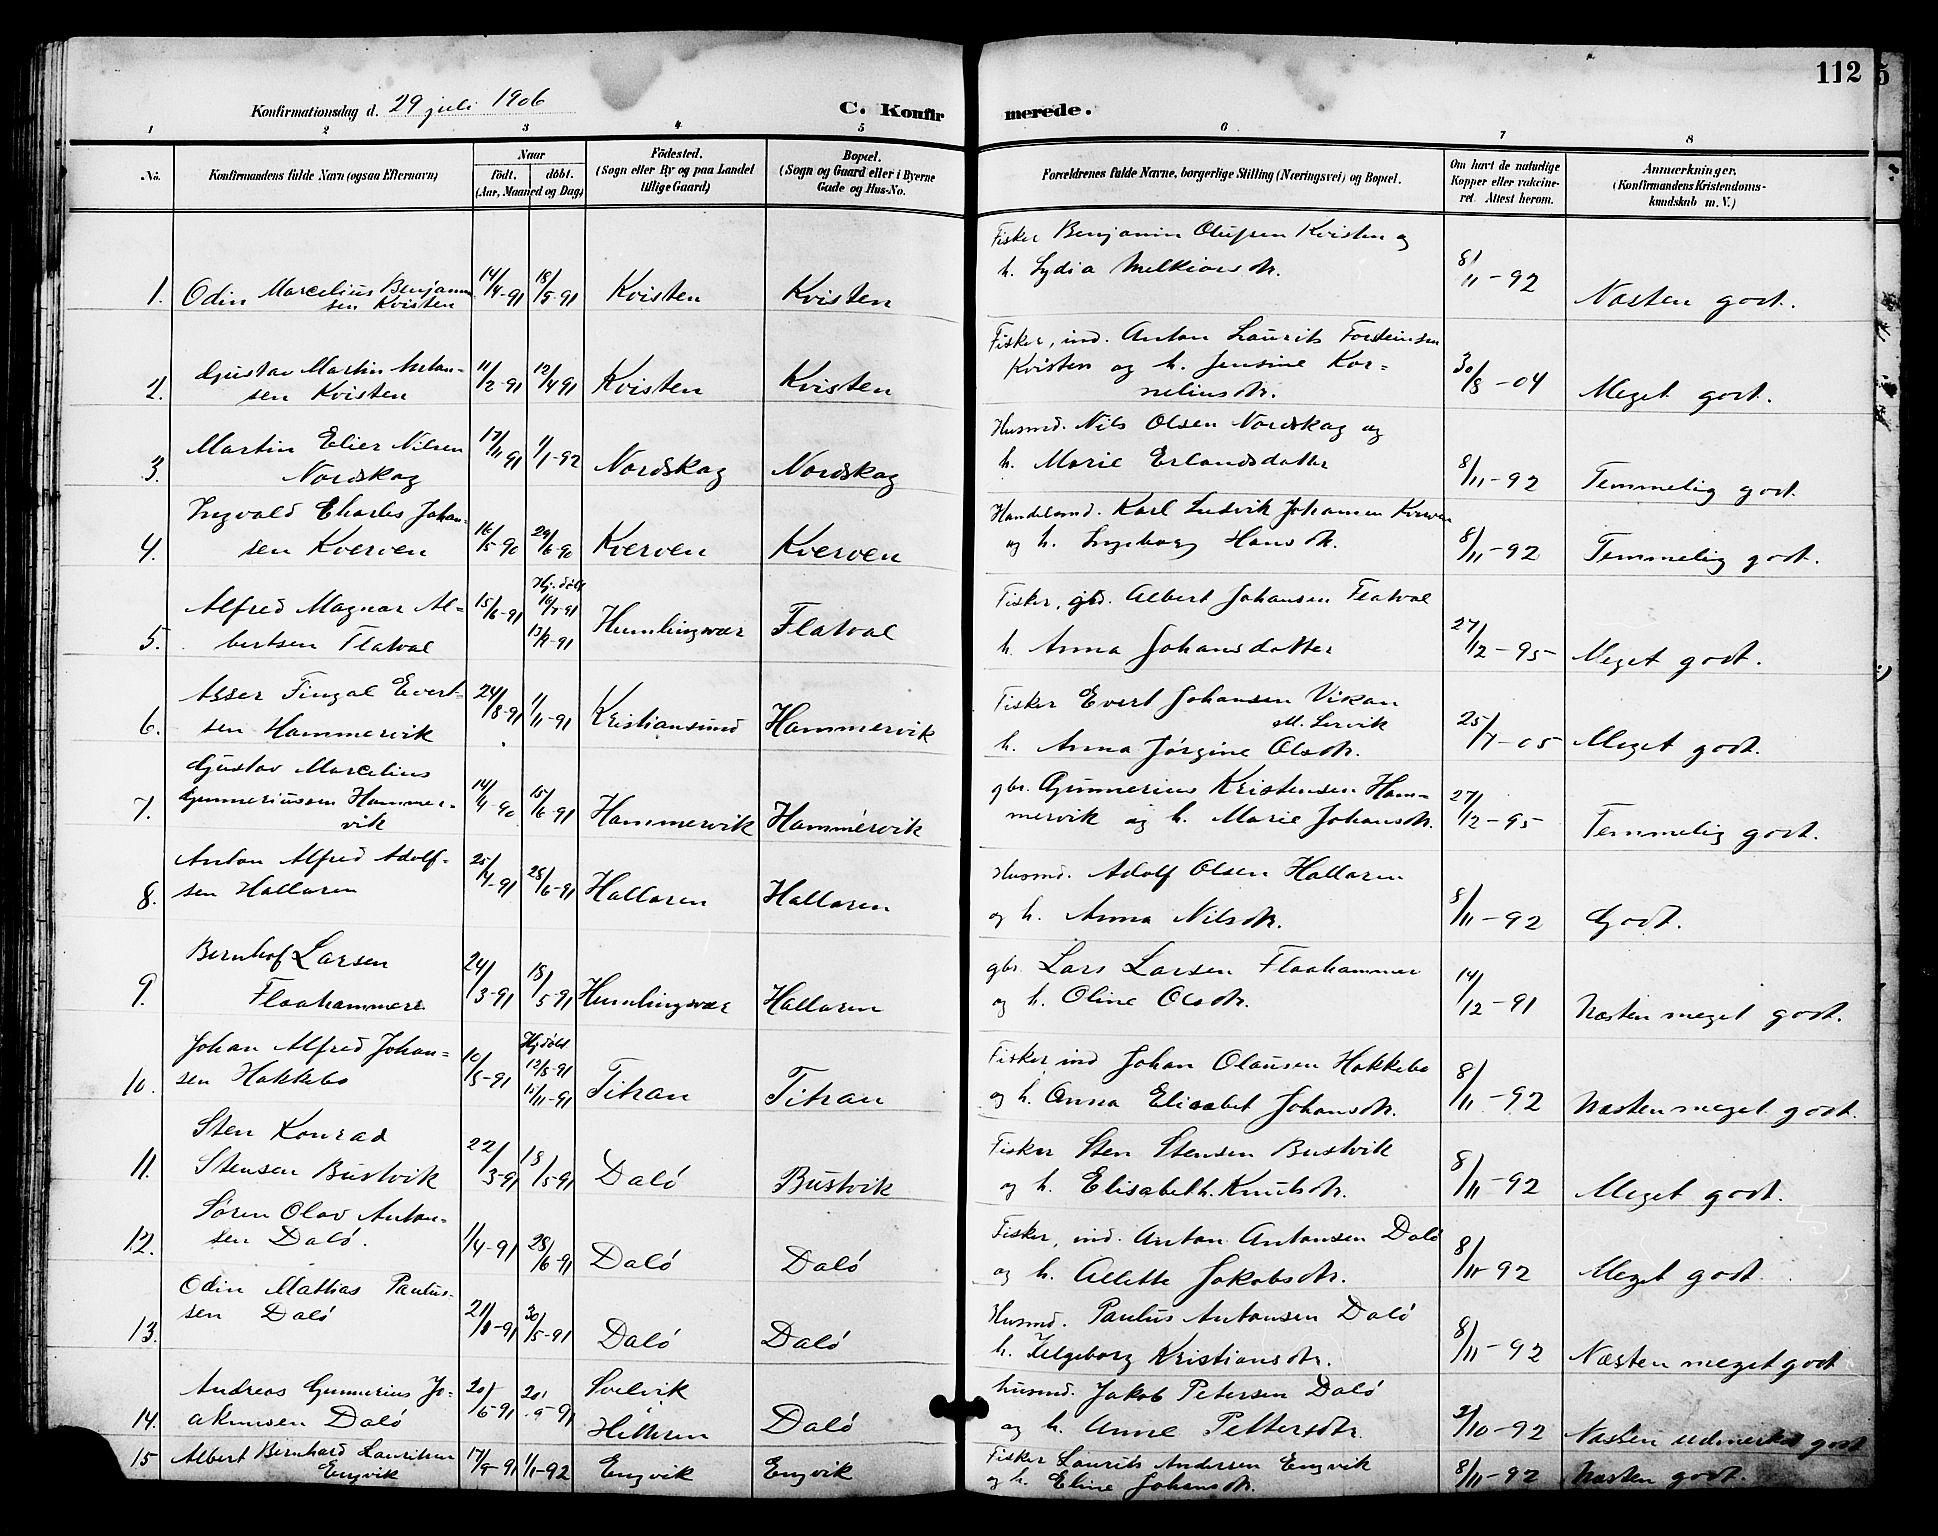 SAT, Ministerialprotokoller, klokkerbøker og fødselsregistre - Sør-Trøndelag, 641/L0598: Klokkerbok nr. 641C02, 1893-1910, s. 112